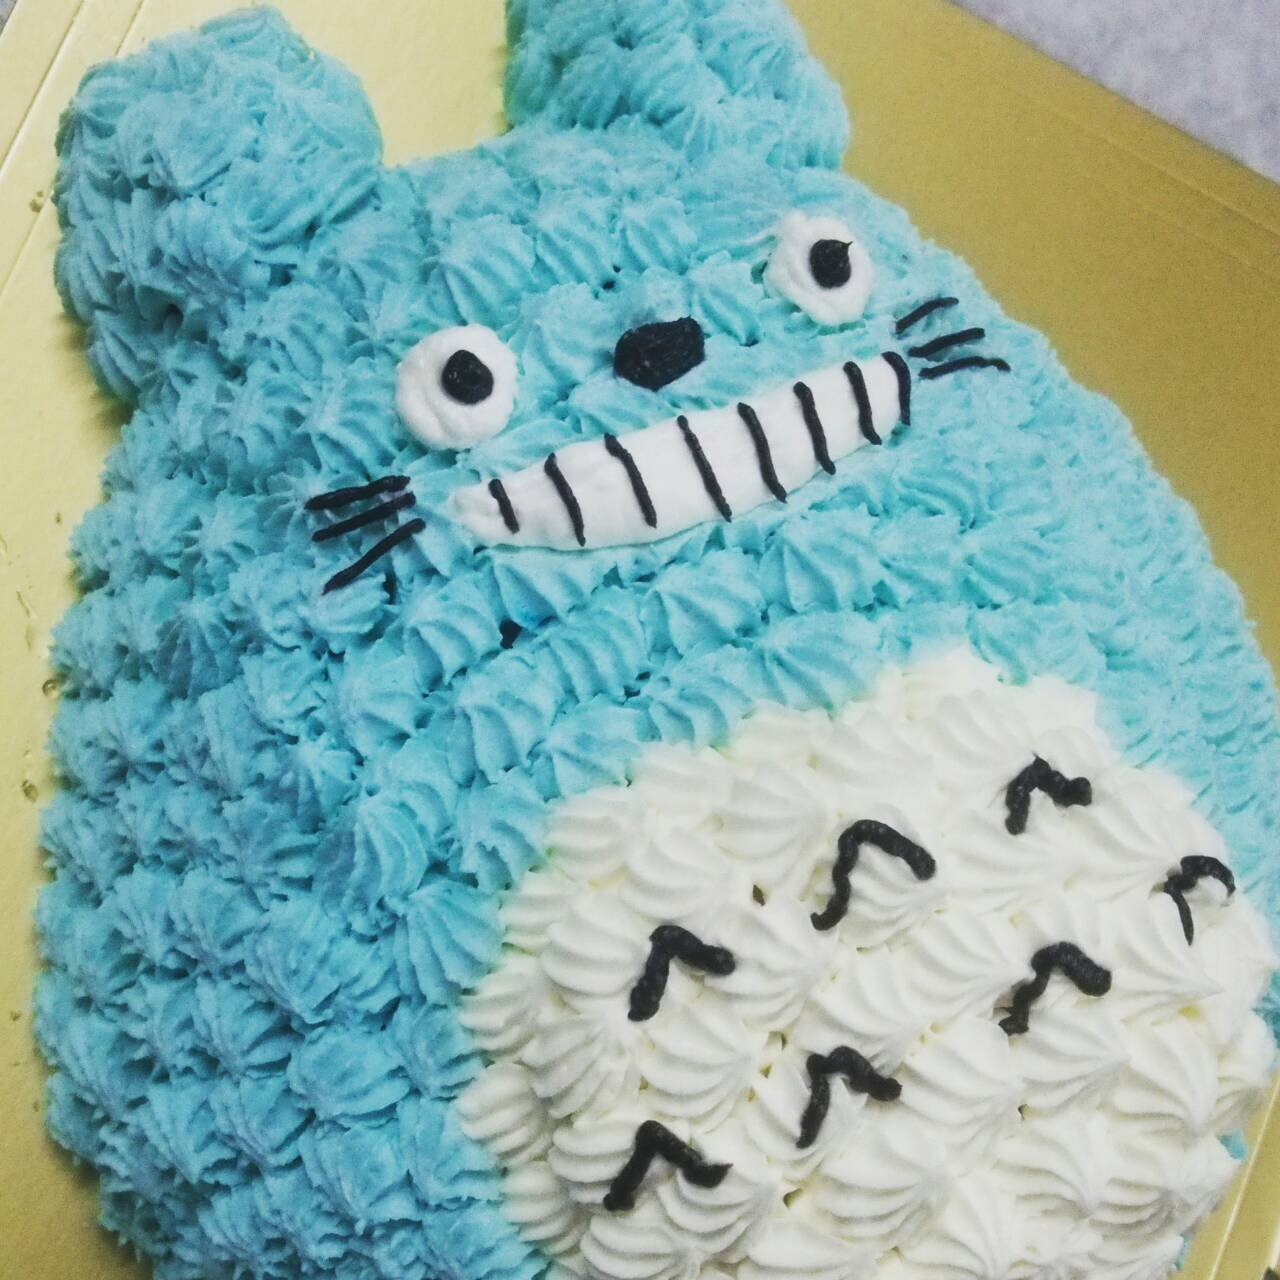 【2016年12月20日~26日まで配送不可】立体キャラクターデコレーションケーキ(T)4号【誕生日 デコ ケーキ バースデー】